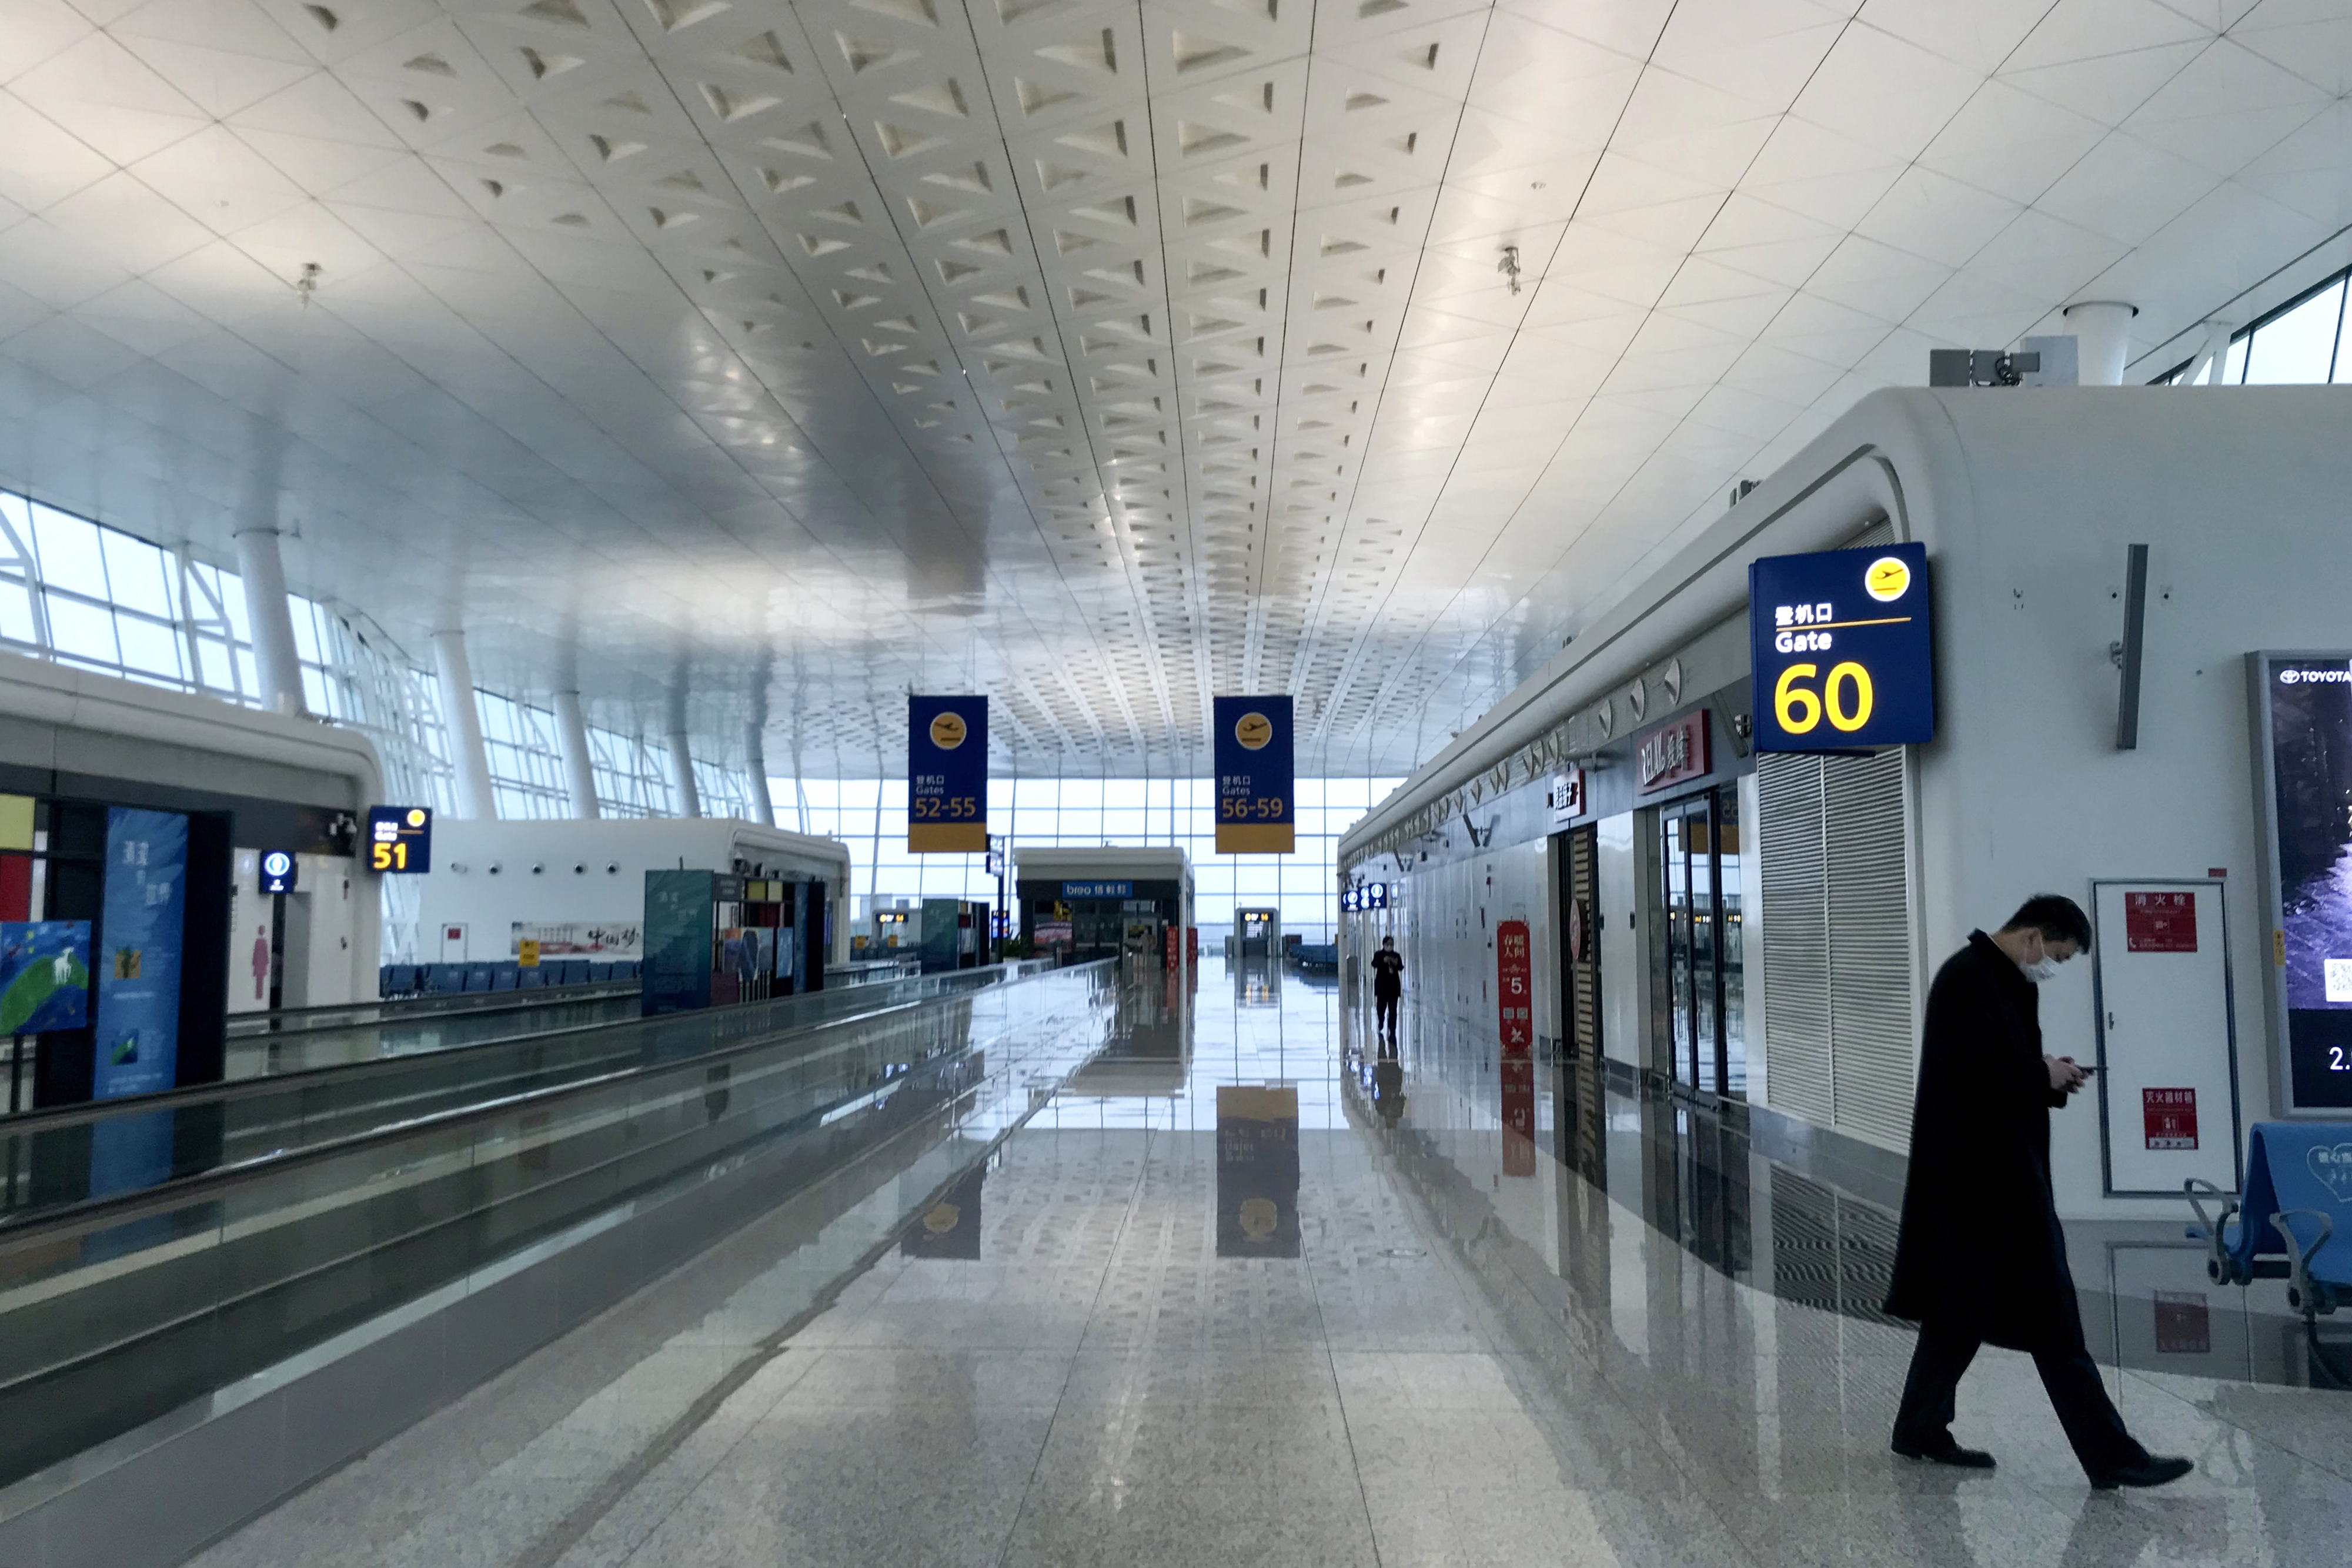 【新冠肺炎】滞留泰国马国及日本的湖北旅客 中国安排包机接回国